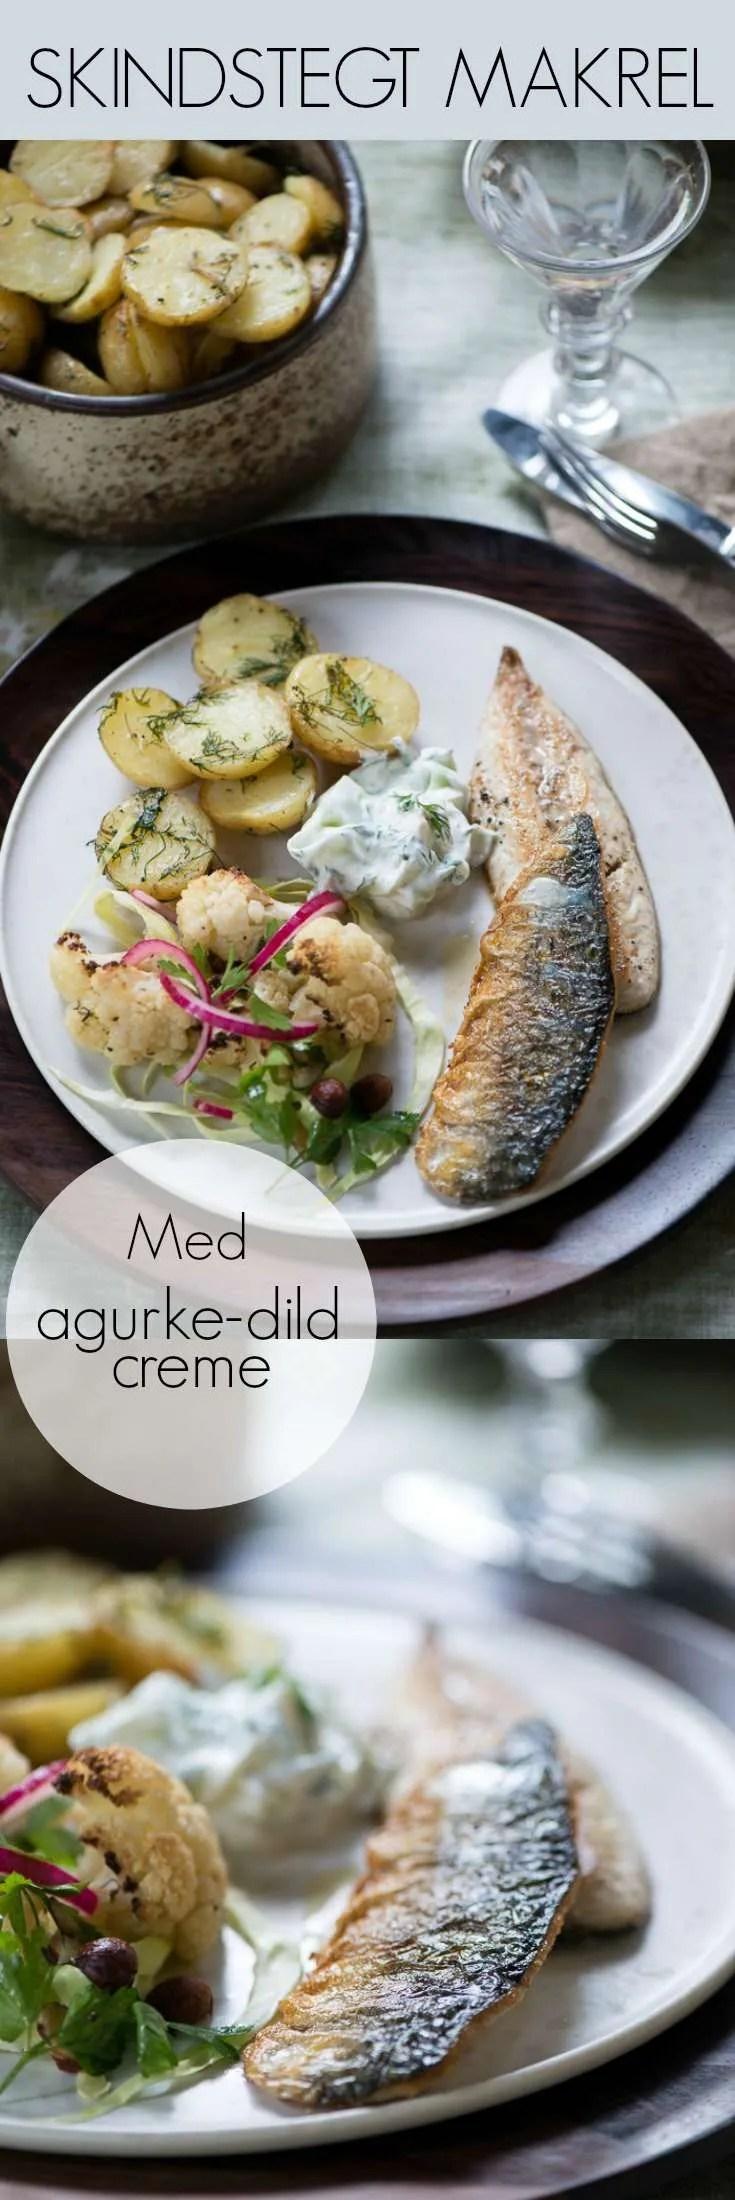 Skindstegt makrel med agurke-dild cream og lækkert grønt tilbehør. Nem og hurtig makrel opskrift fra Marinas Mad: Årstidens opskrifter.